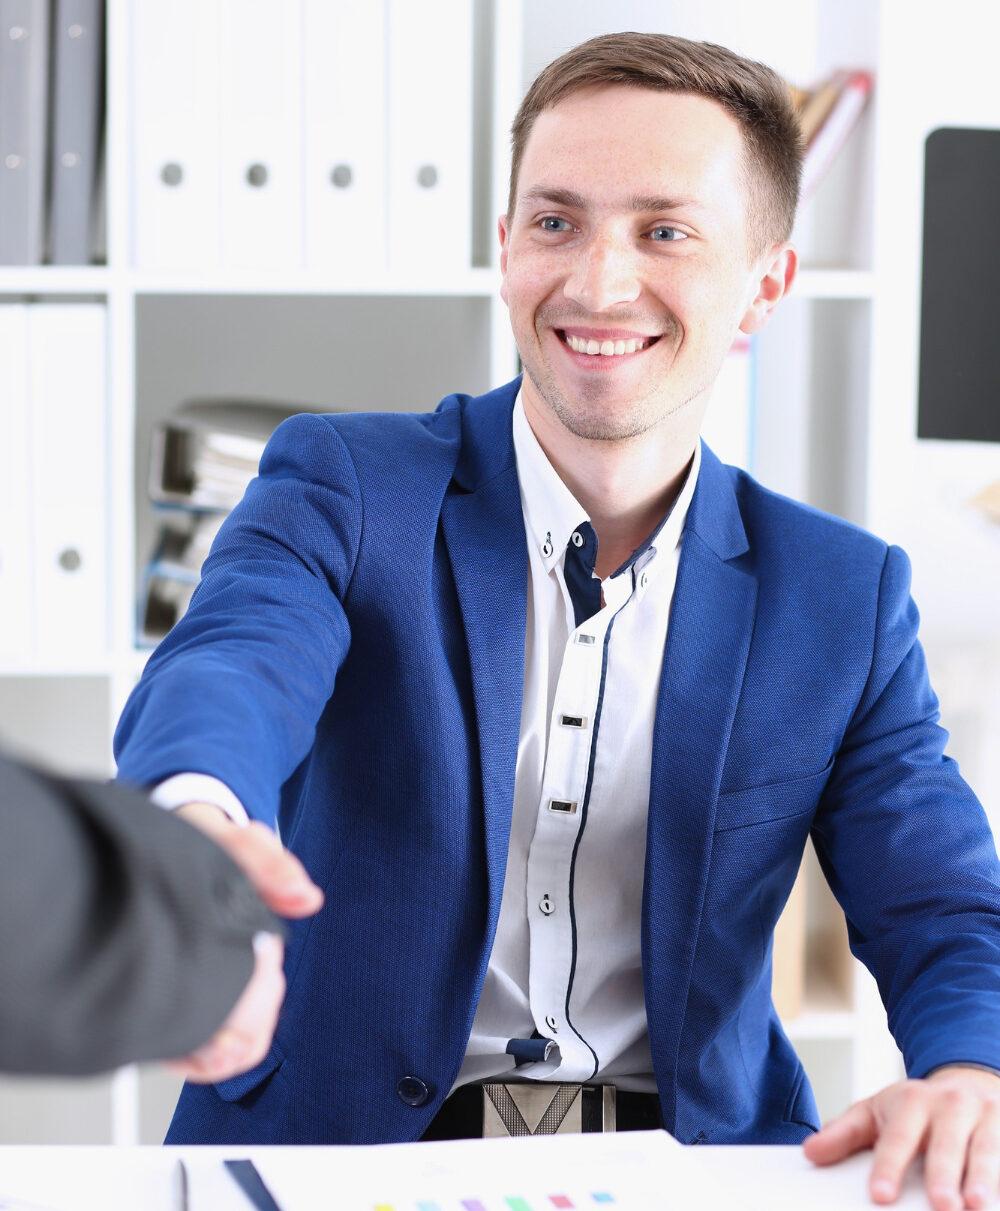 handshake new job